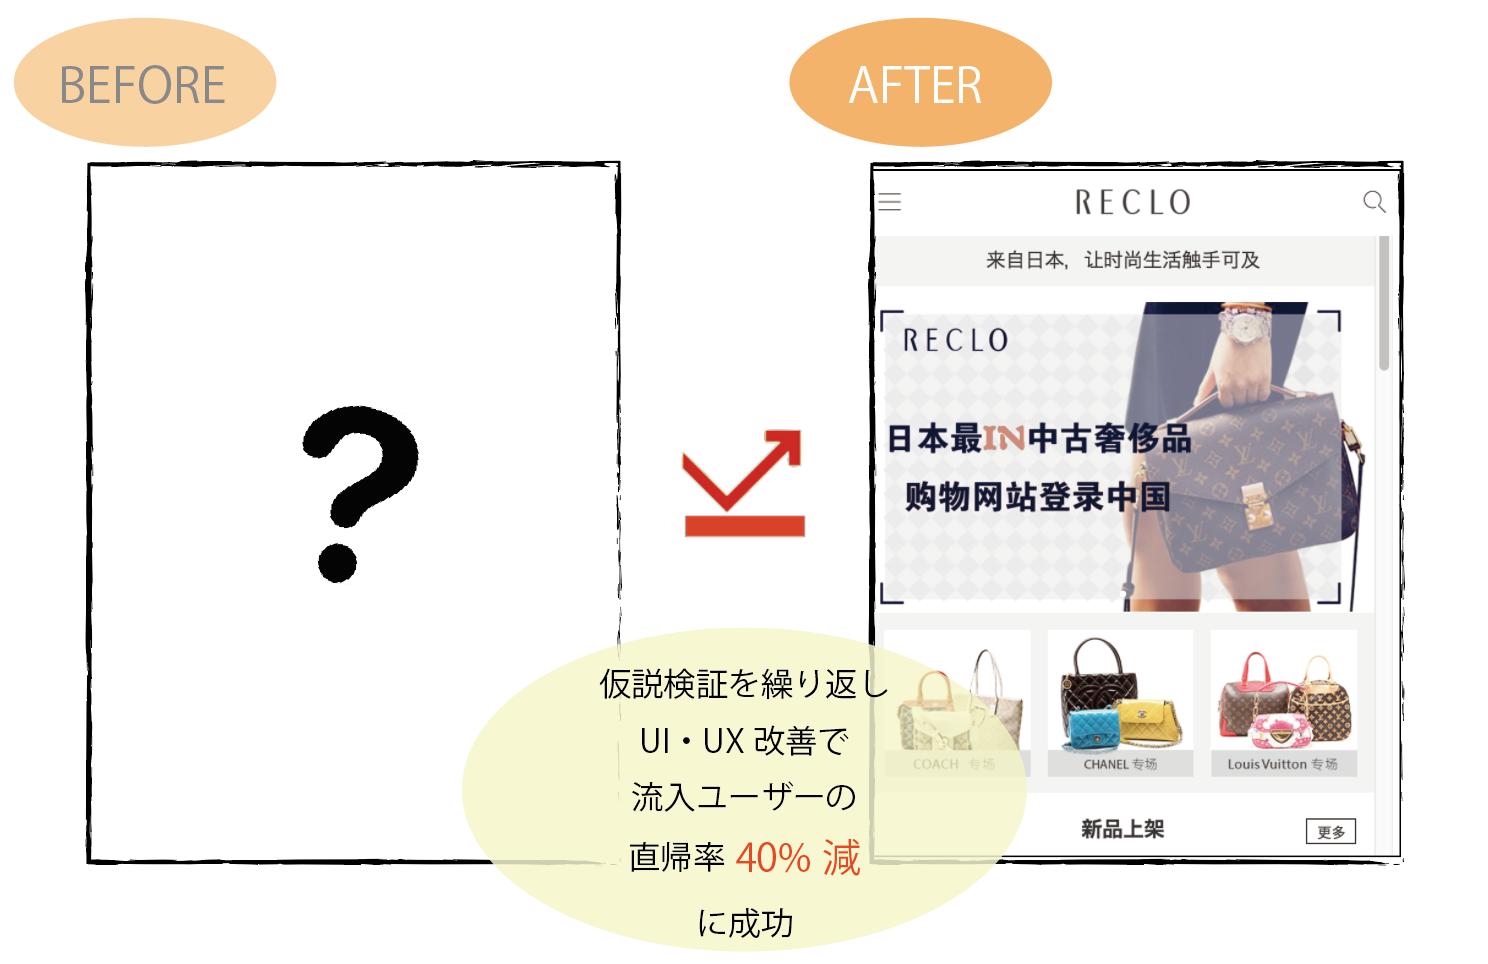 WeChat_kol_weibo_inbound